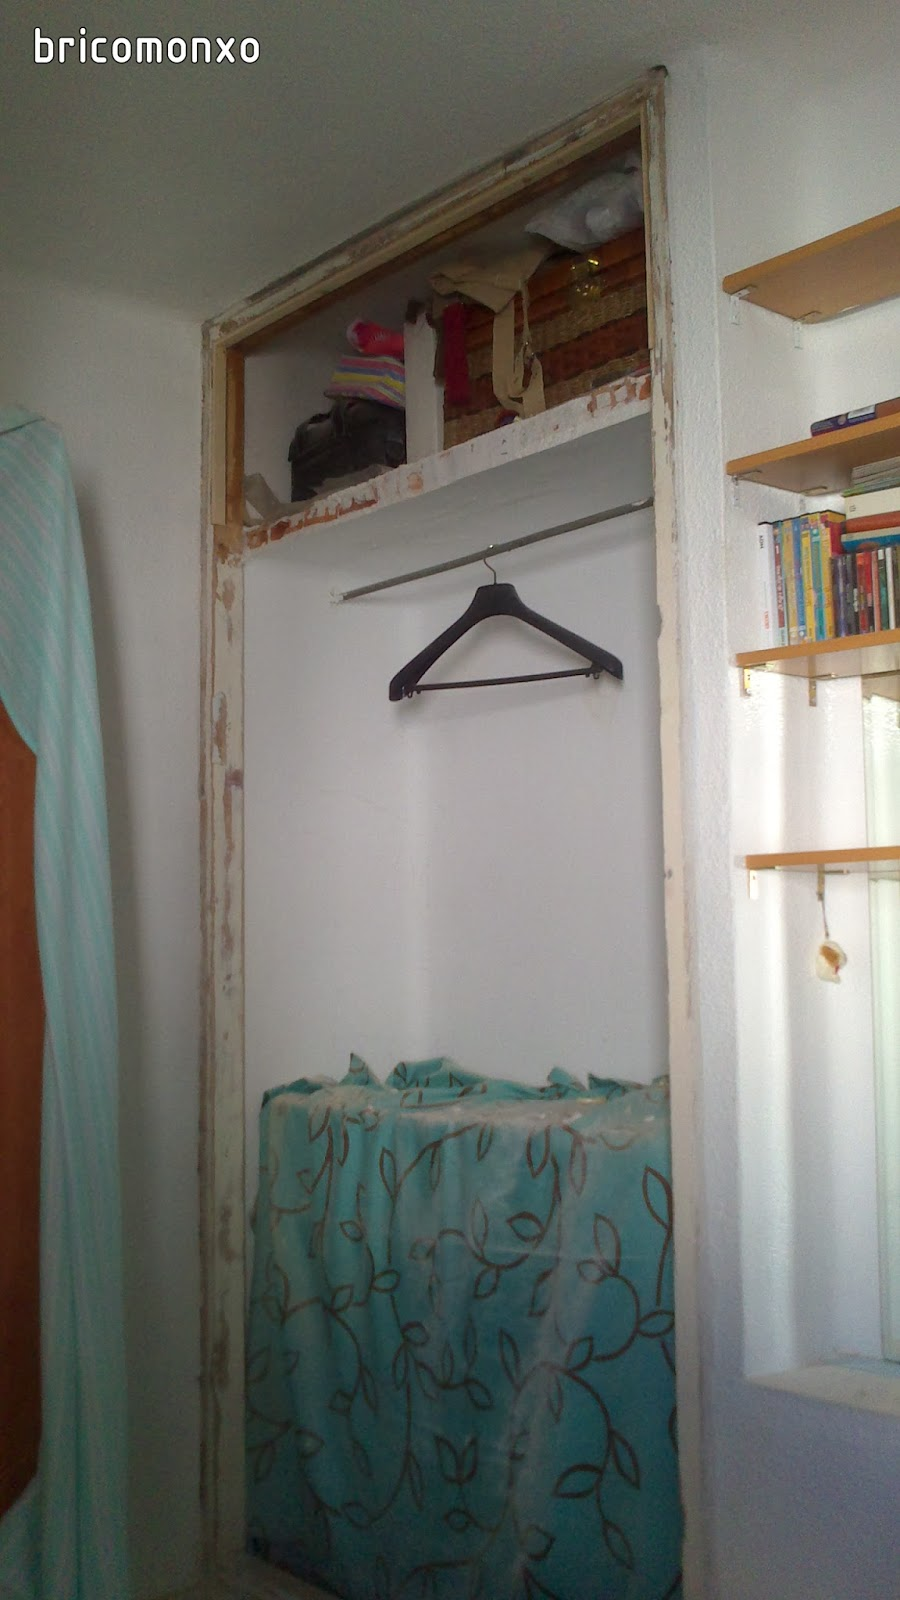 Bricomonxo armario empotrado con puertas correderas - Montar puertas correderas ...